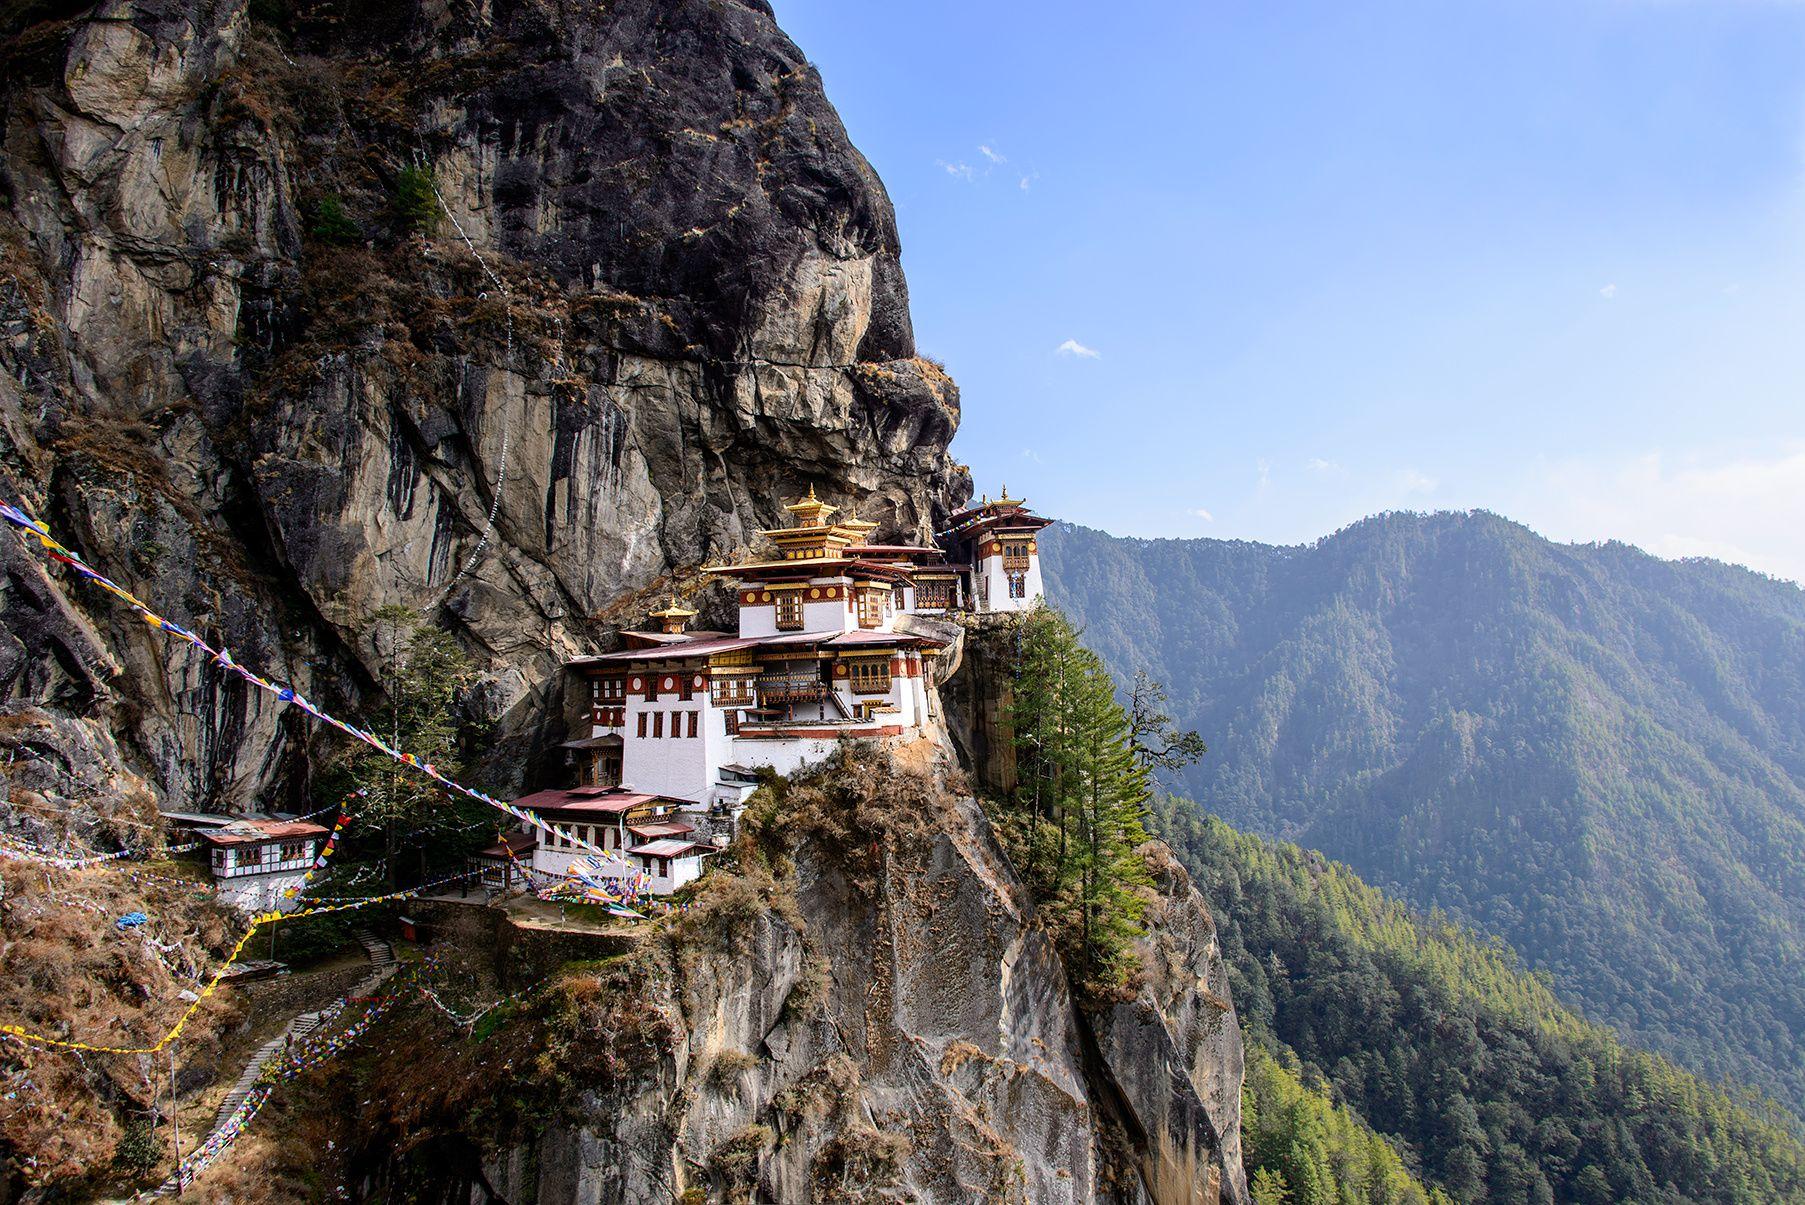 到此一游|藏在不丹河谷的五处秘境,探索古老寺庙和村庄图片